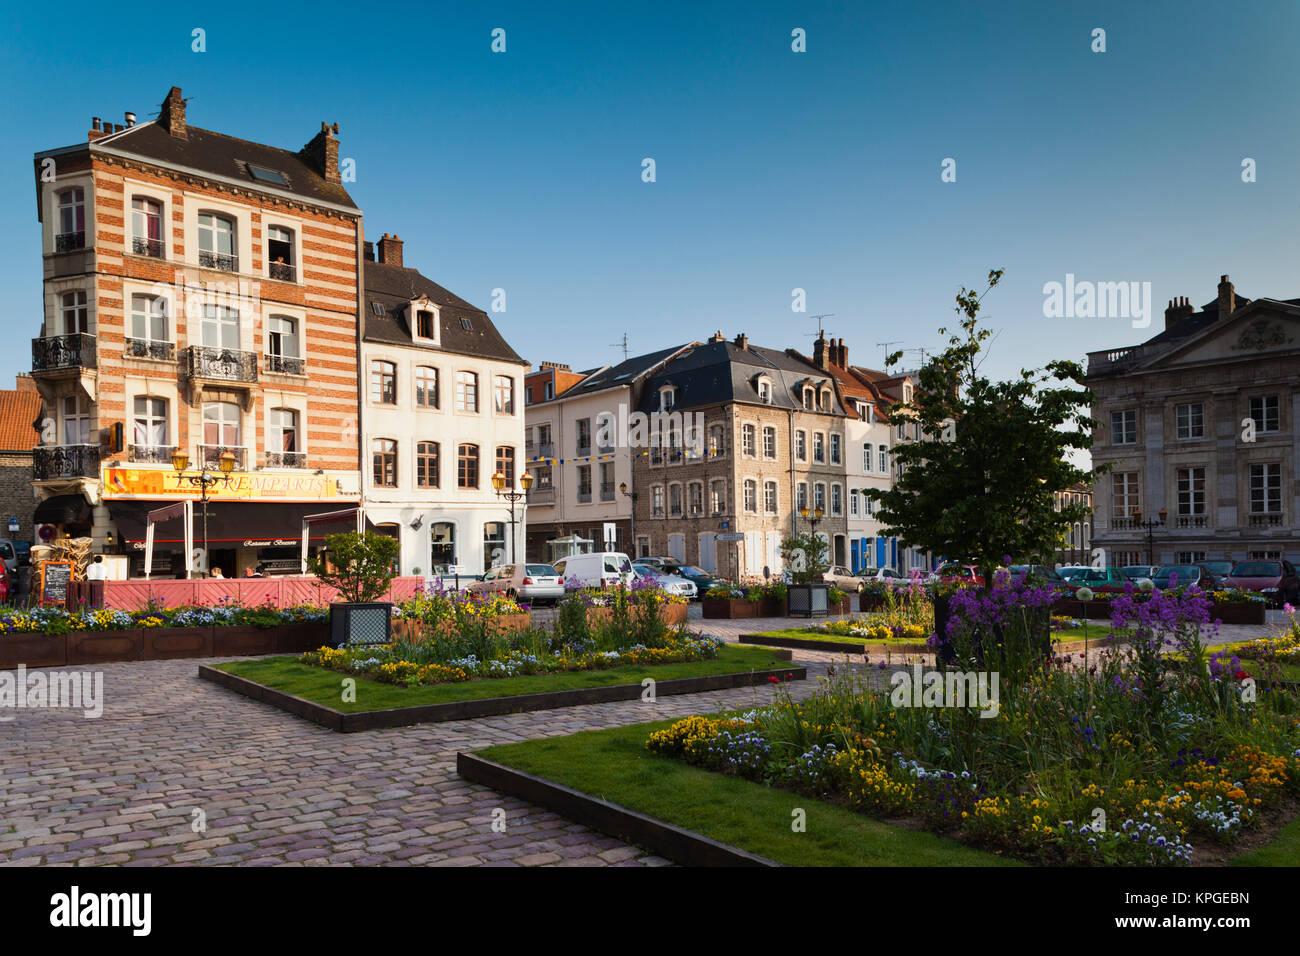 Place godefroy de bouillon stock photos place godefroy for Piscine de boulogne billancourt horaires